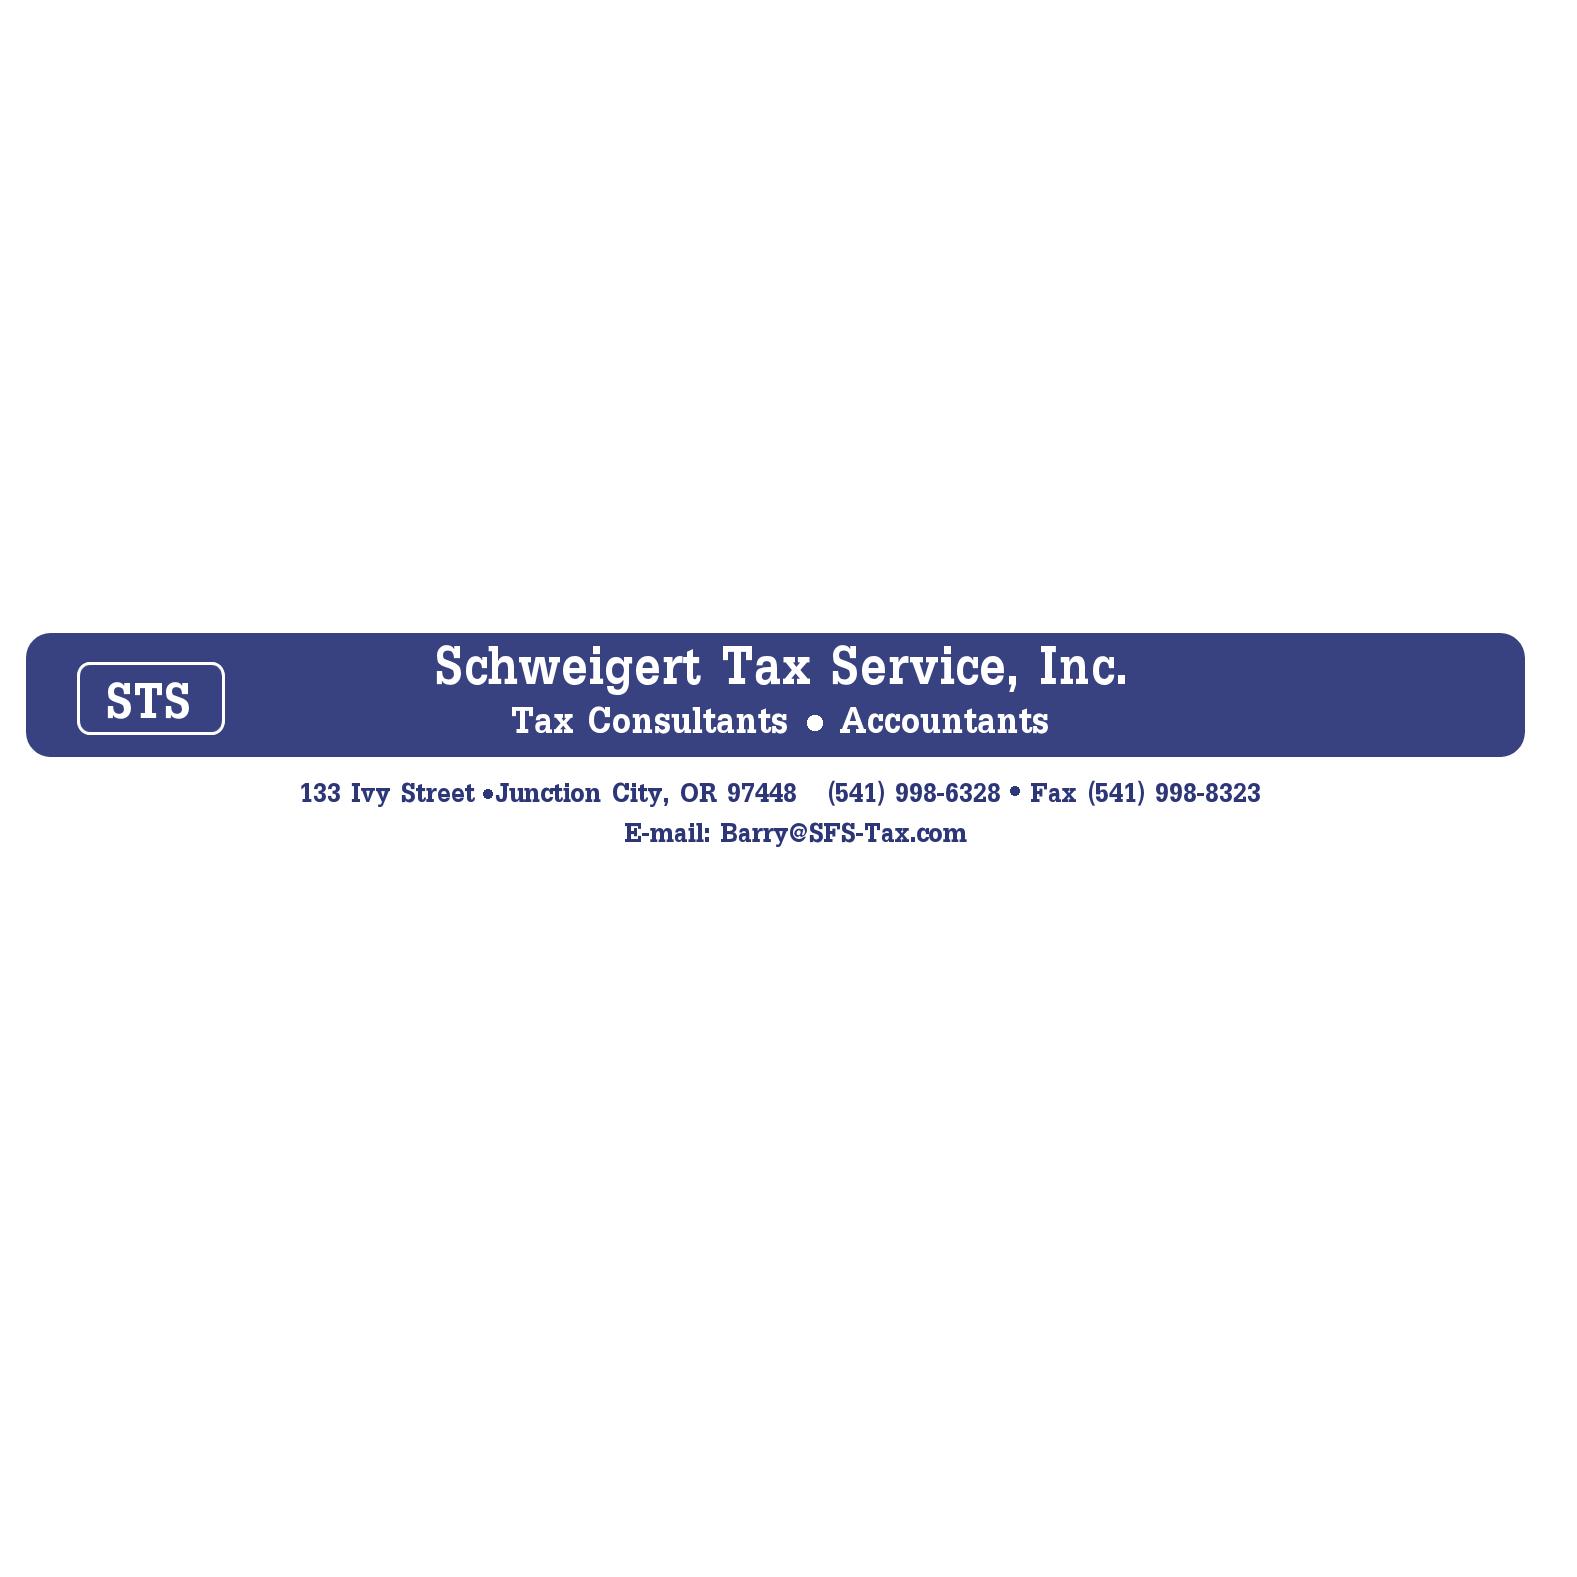 Schweigert Tax Service, Inc.